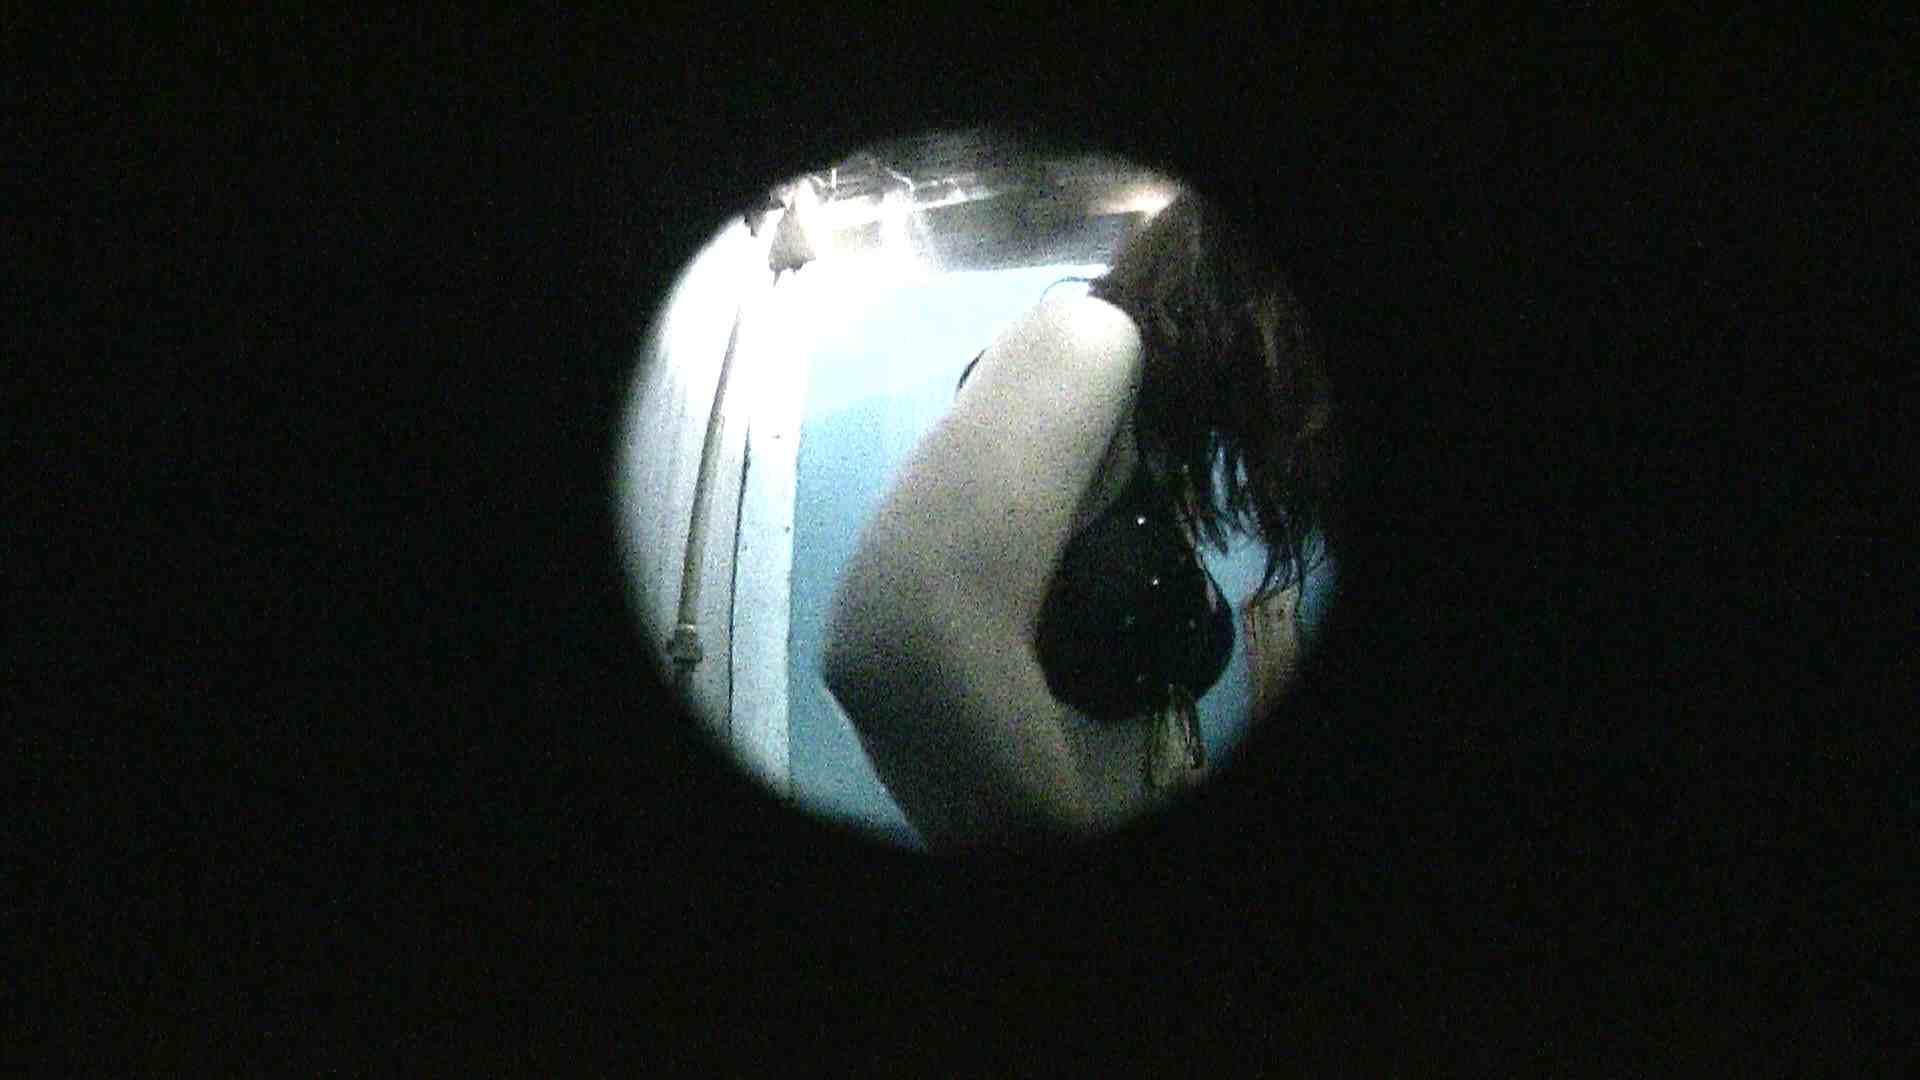 NO.13 暗いですが豪快な砂落としが好印象 シャワー室  89pic 64